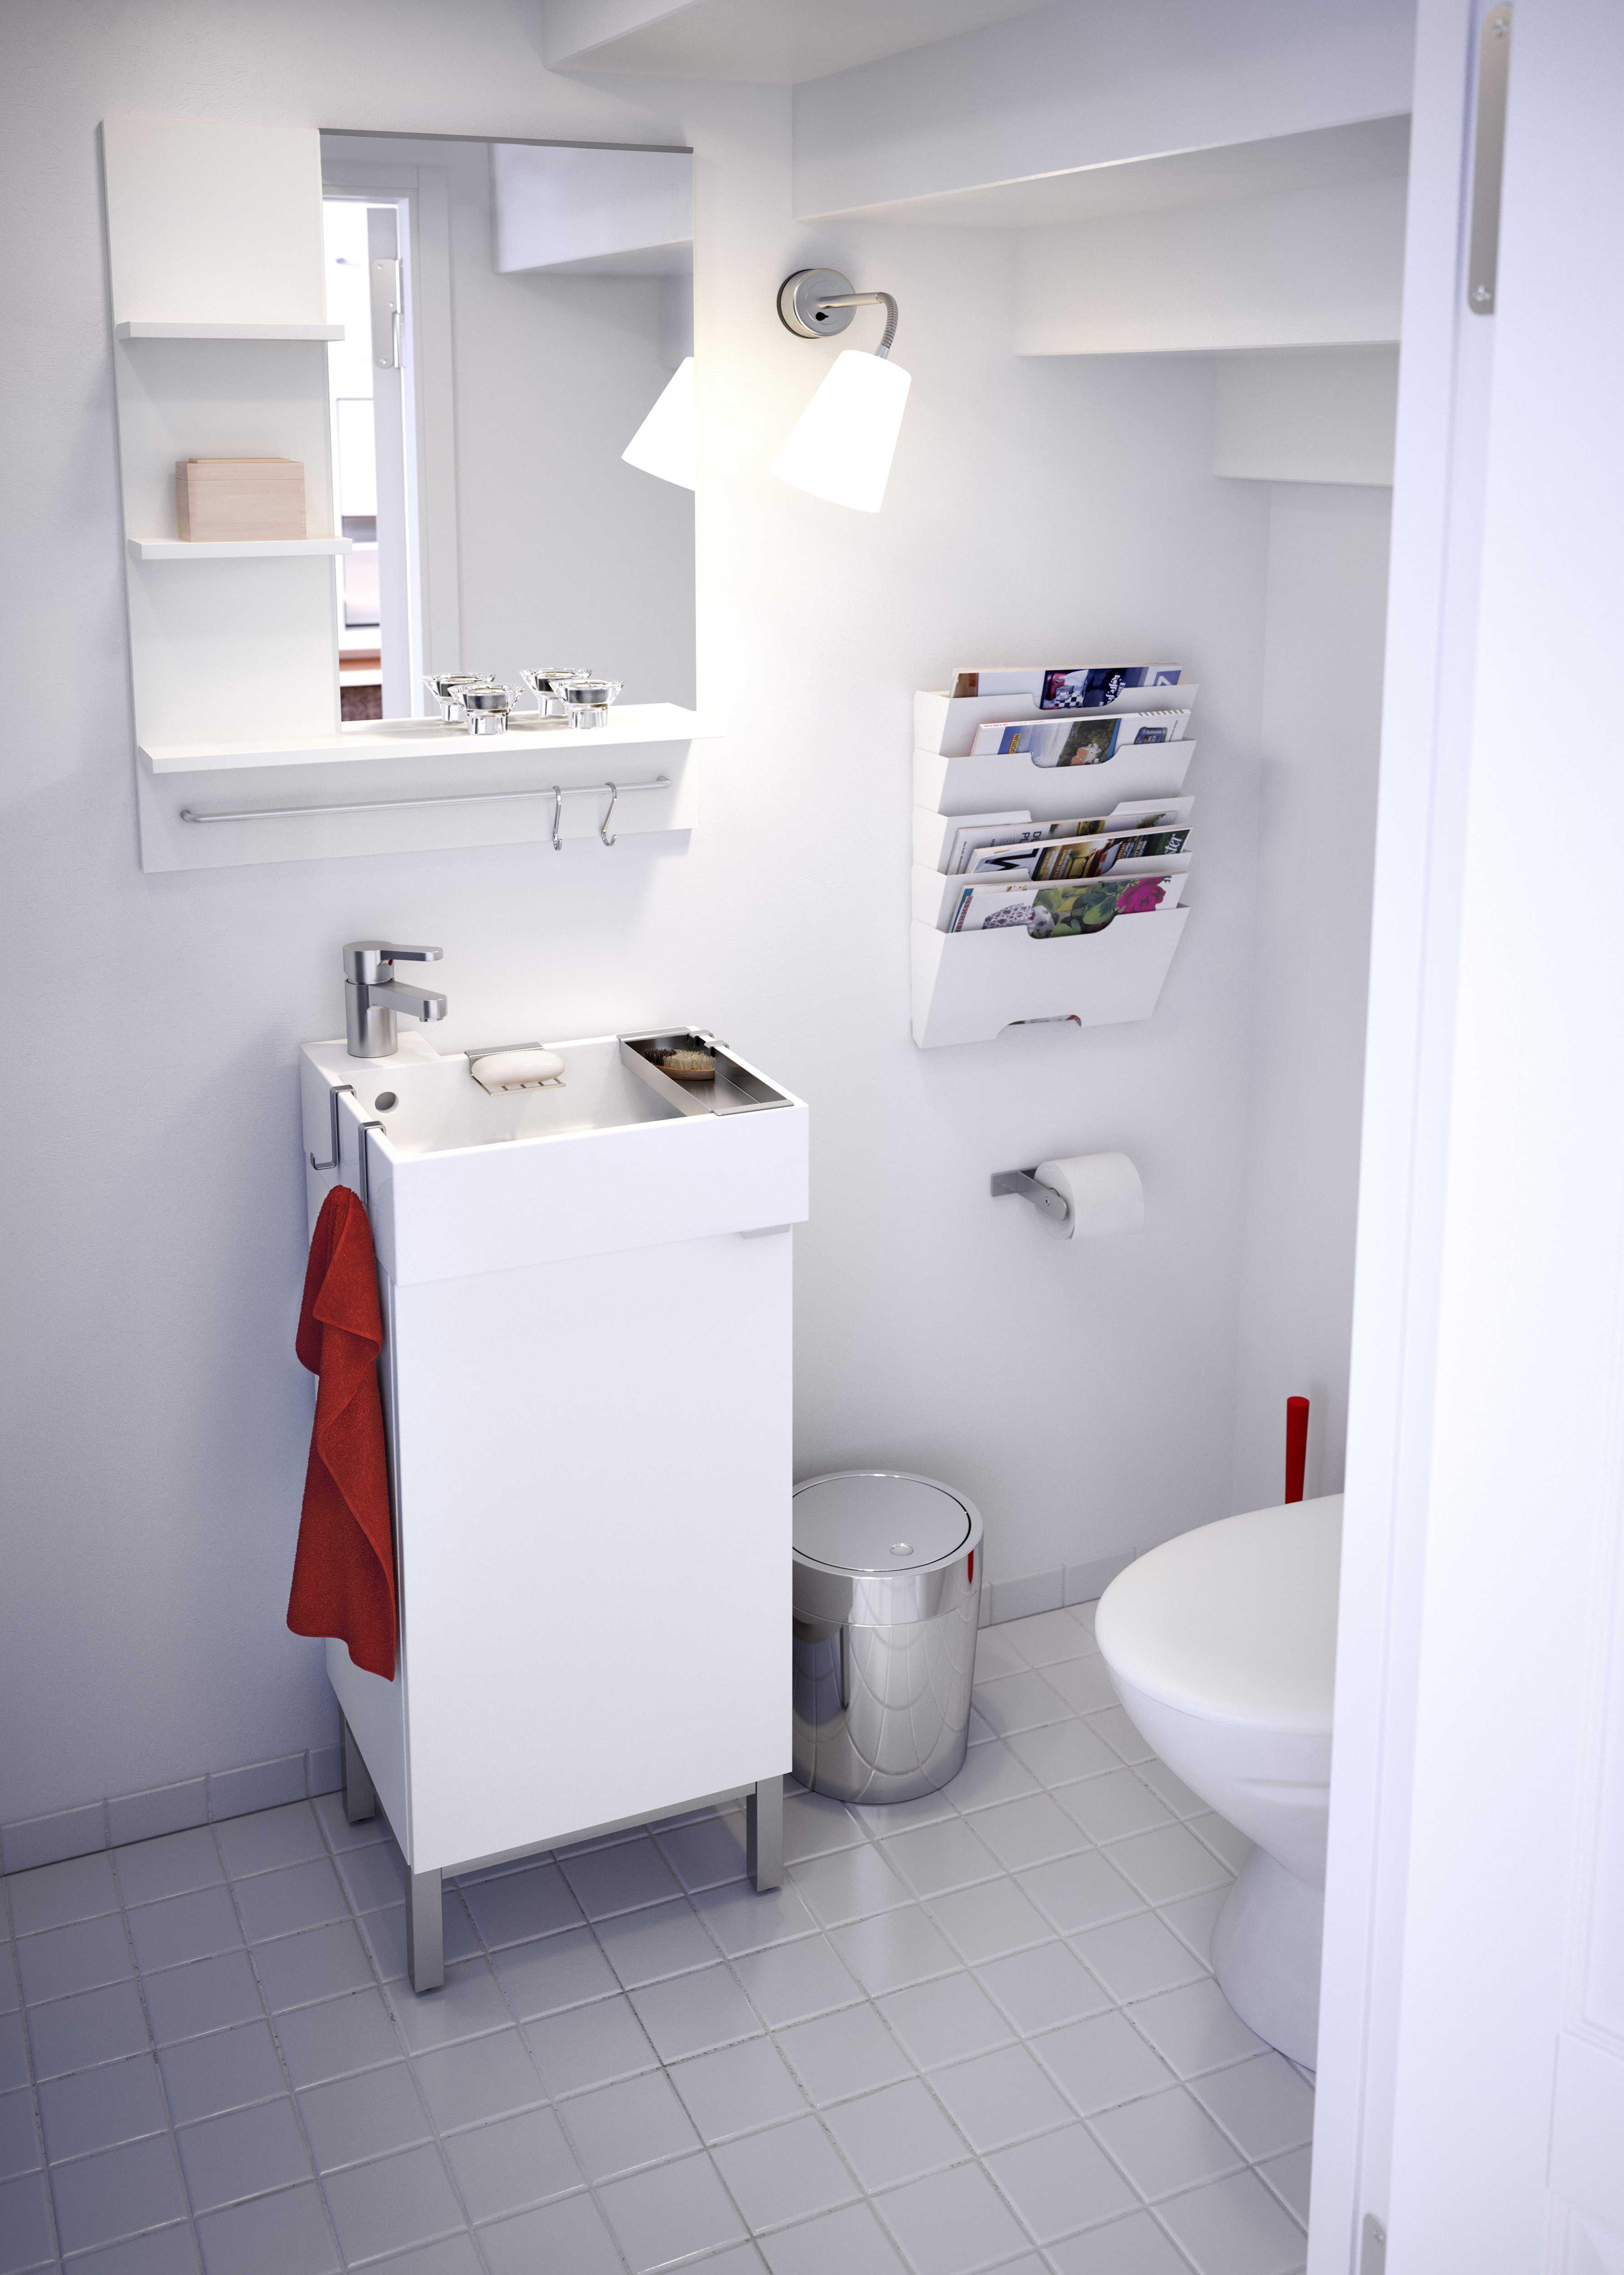 Kast Boven Toilet Ikea.Lillangen Wastafel Met Onderkast 1 Deur Wit Ensen Kraan